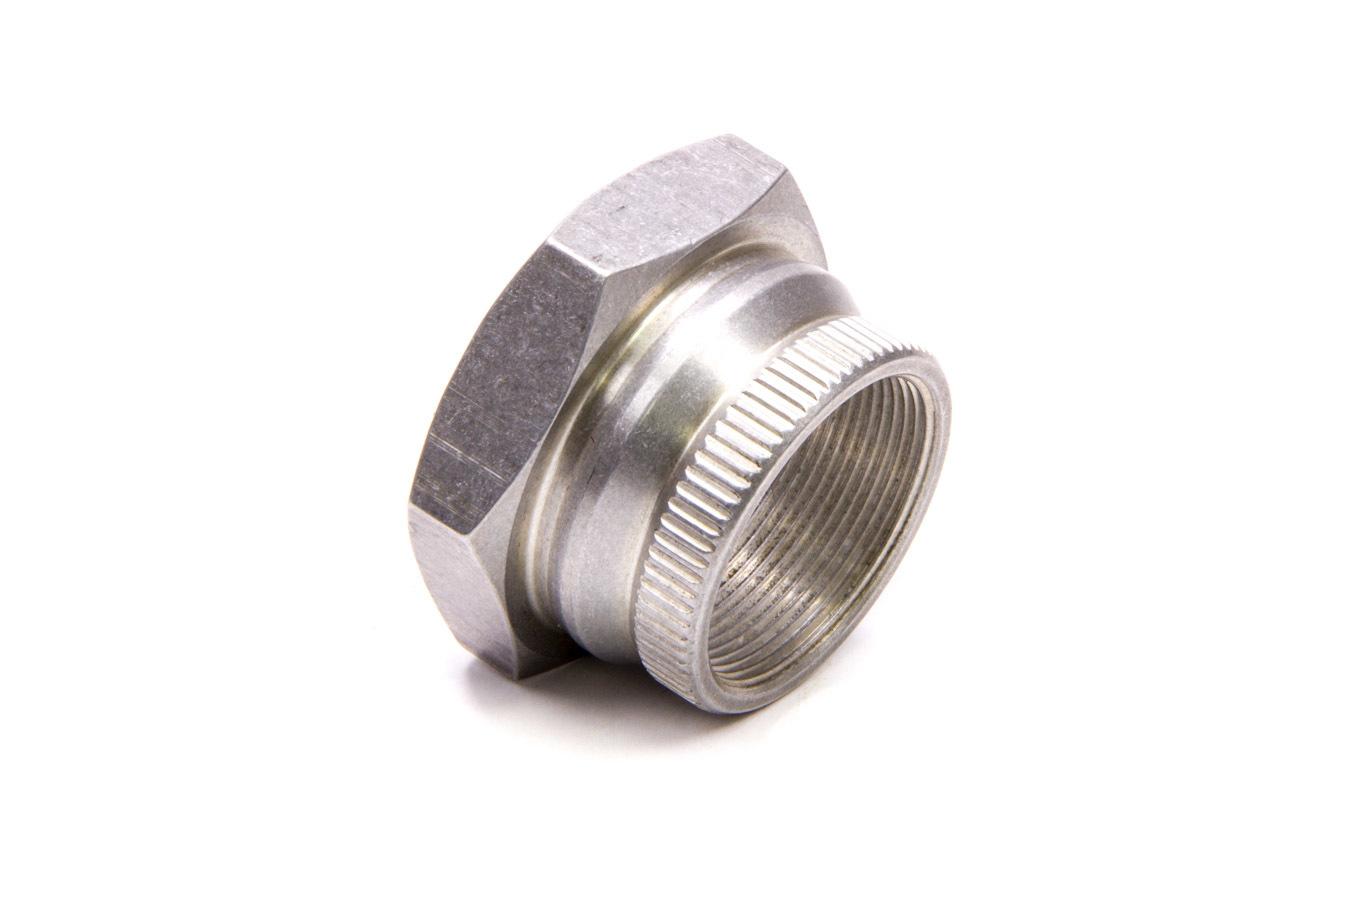 Diversified Machine Posi-Lock Nut Right Hand